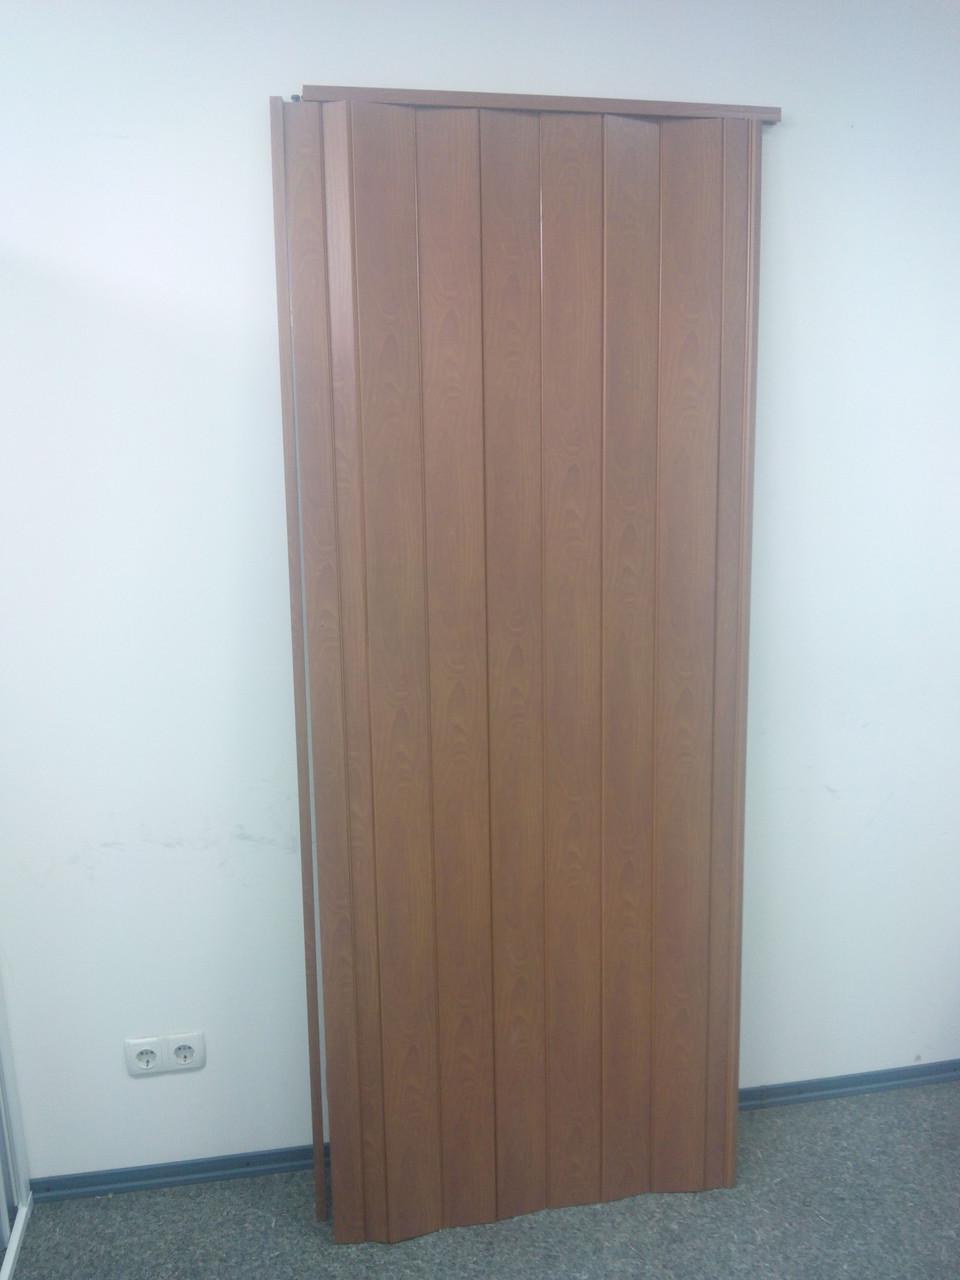 Дверь гармошка межкомнатная глухая, вишня 806, 810*2030*6мм